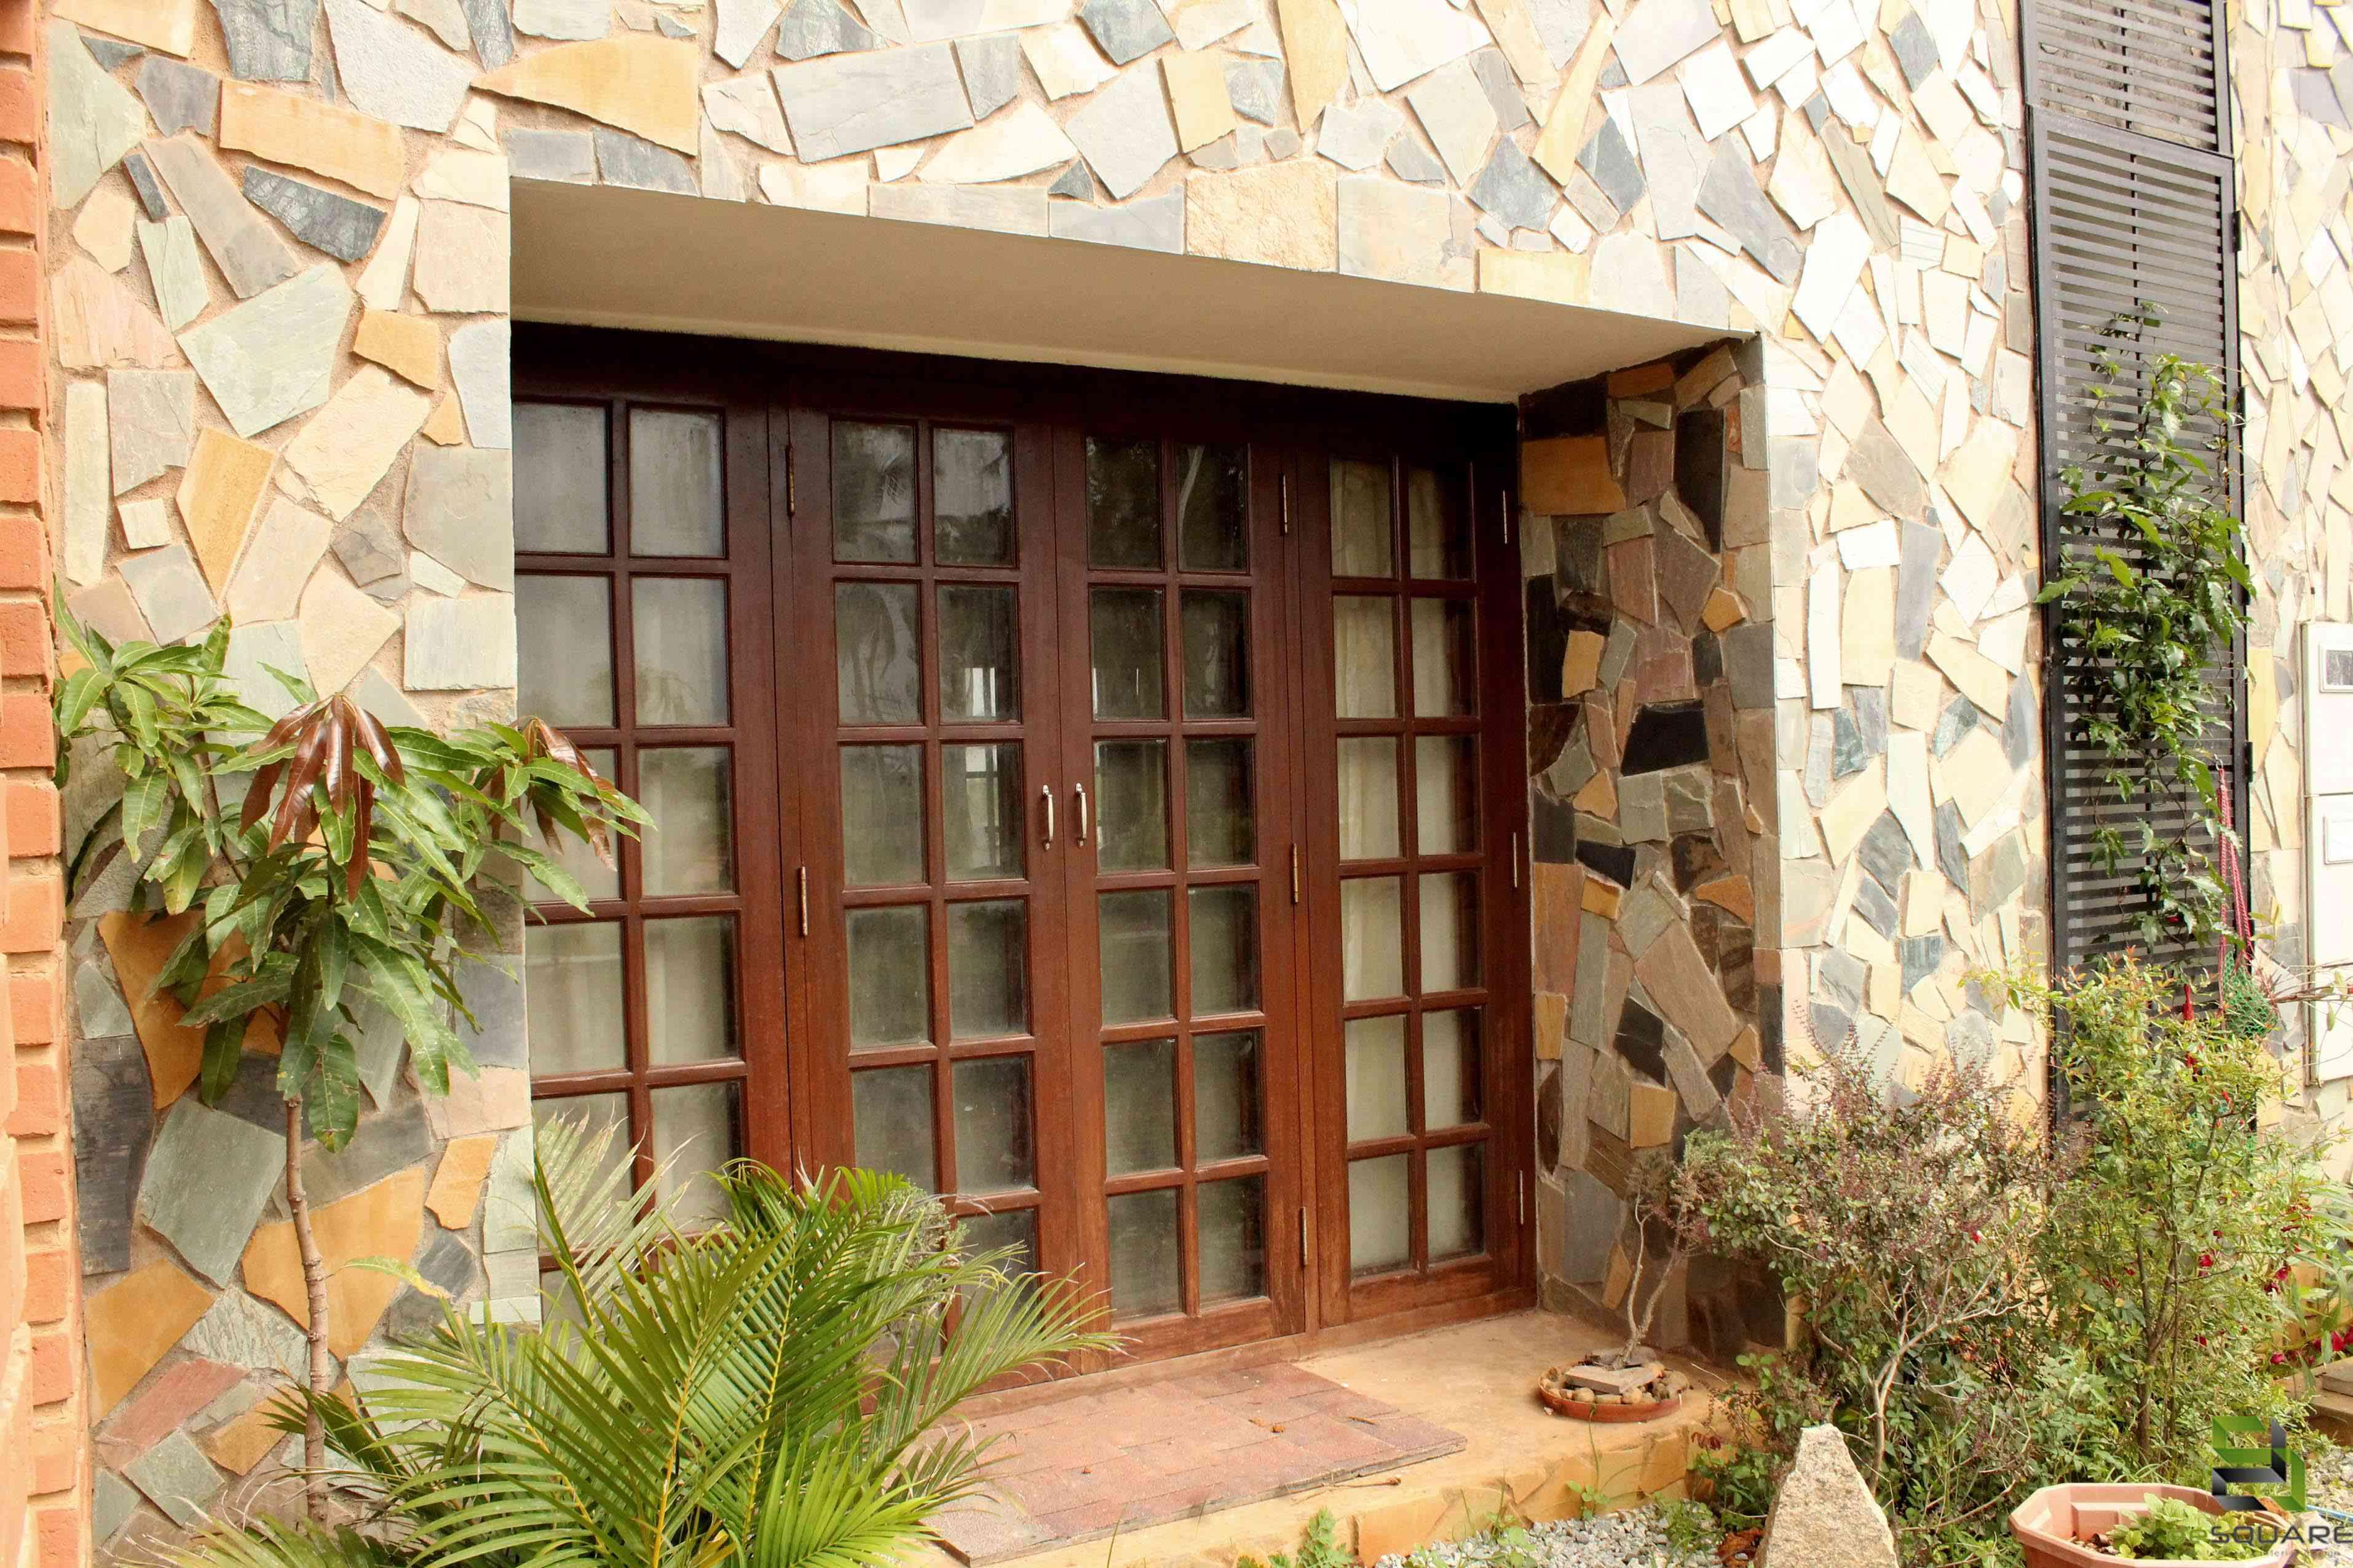 Hausfrontdesign in rajasthan sukriti das sukritisitd on pinterest